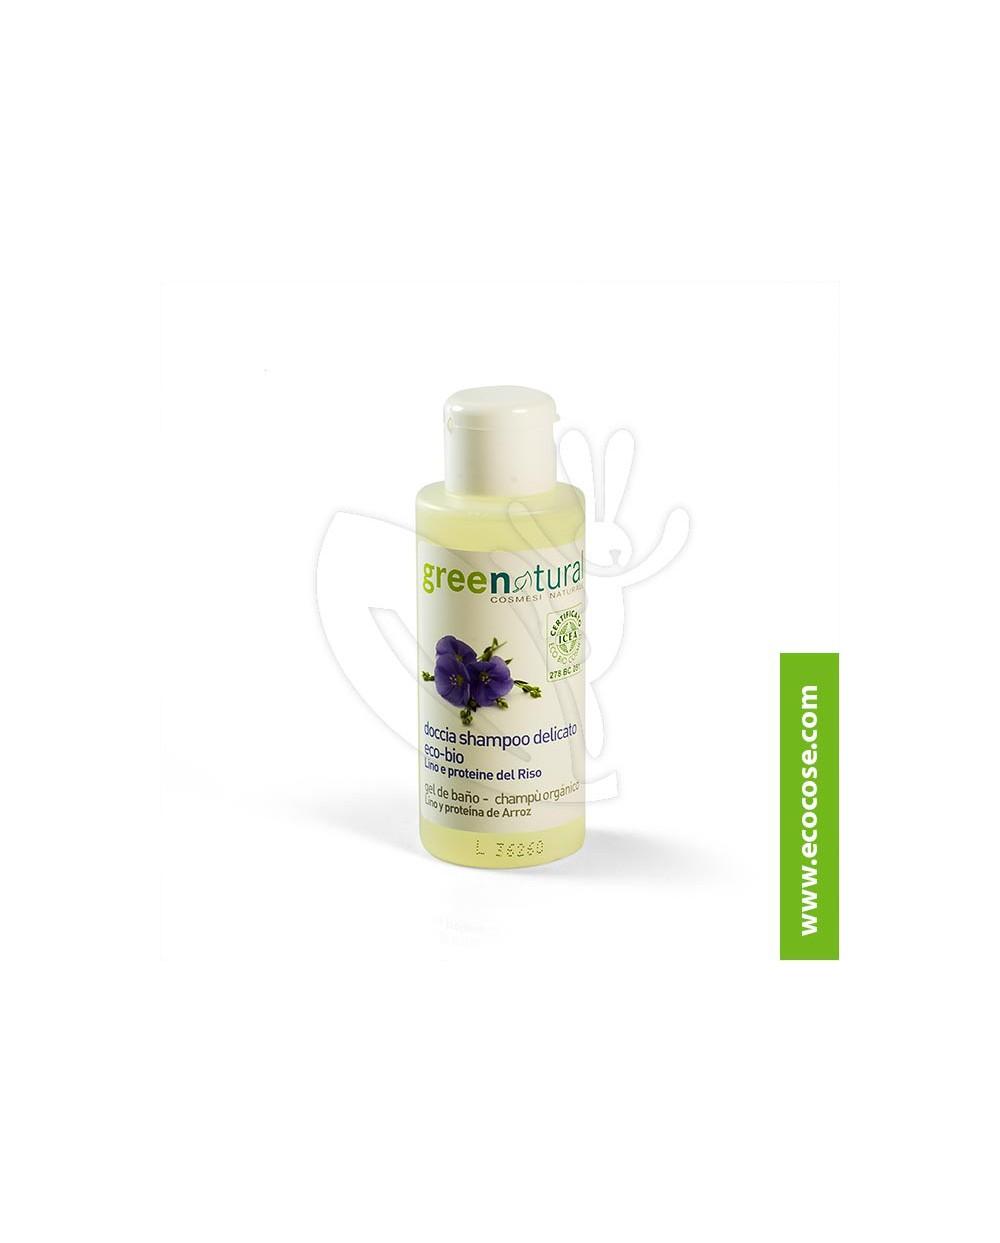 Greenatural - Doccia-shampoo delicato Lino e proteine del riso 100 ml